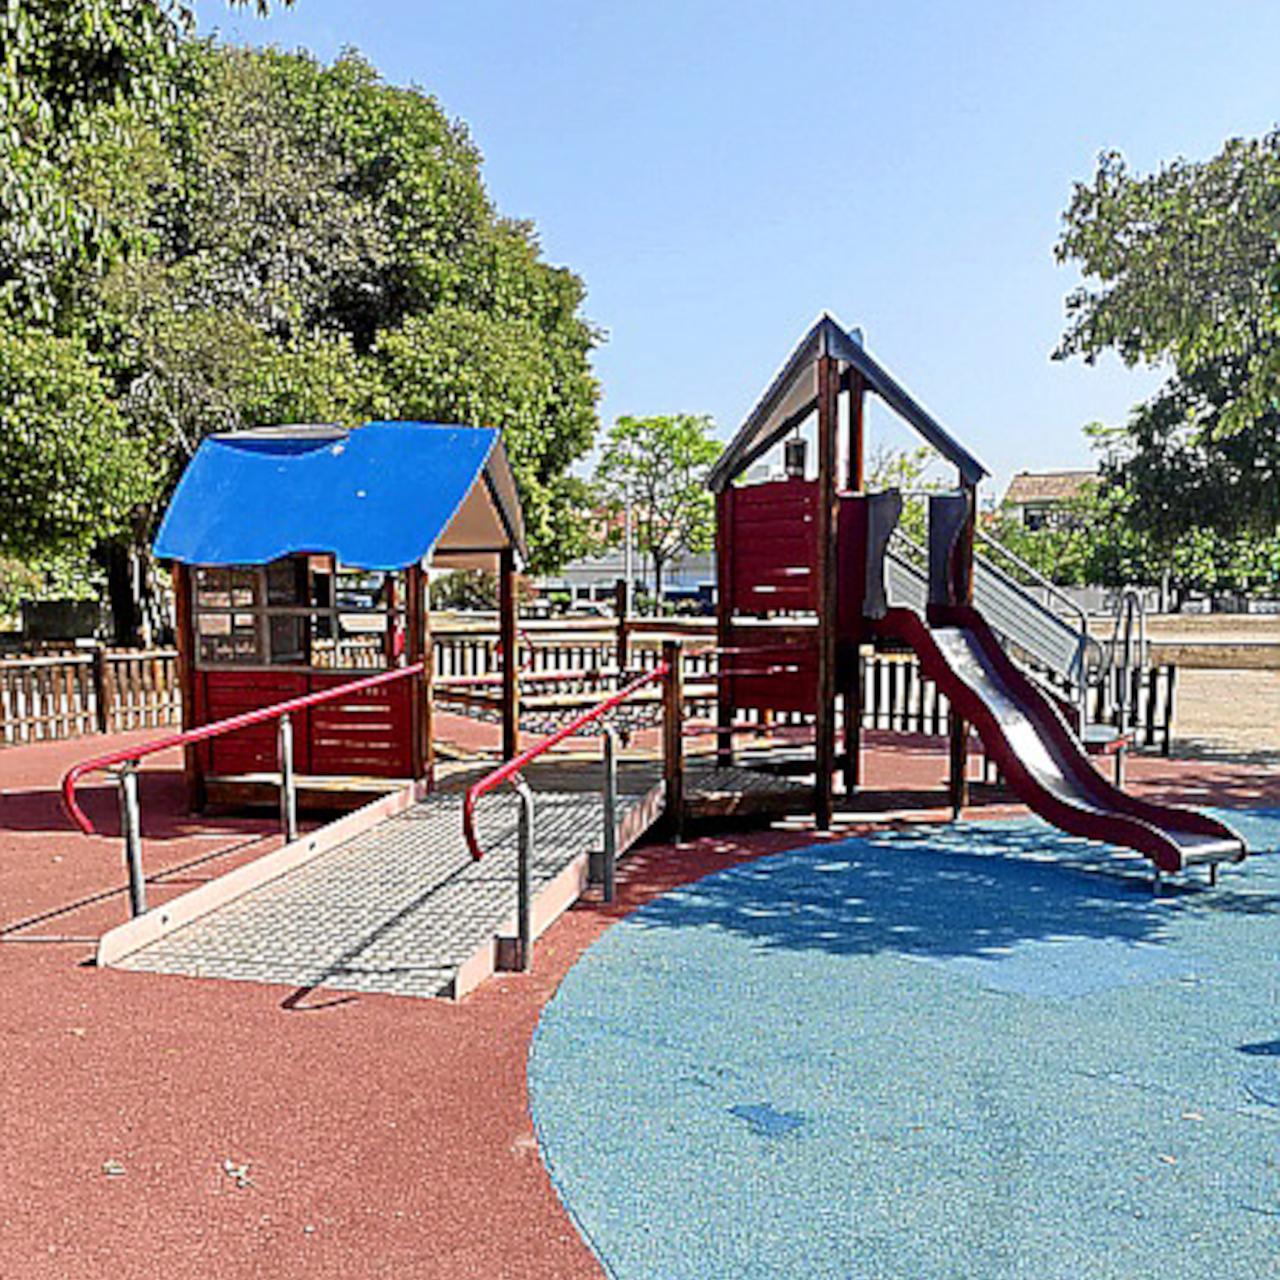 Imagen del parque donde sucedió